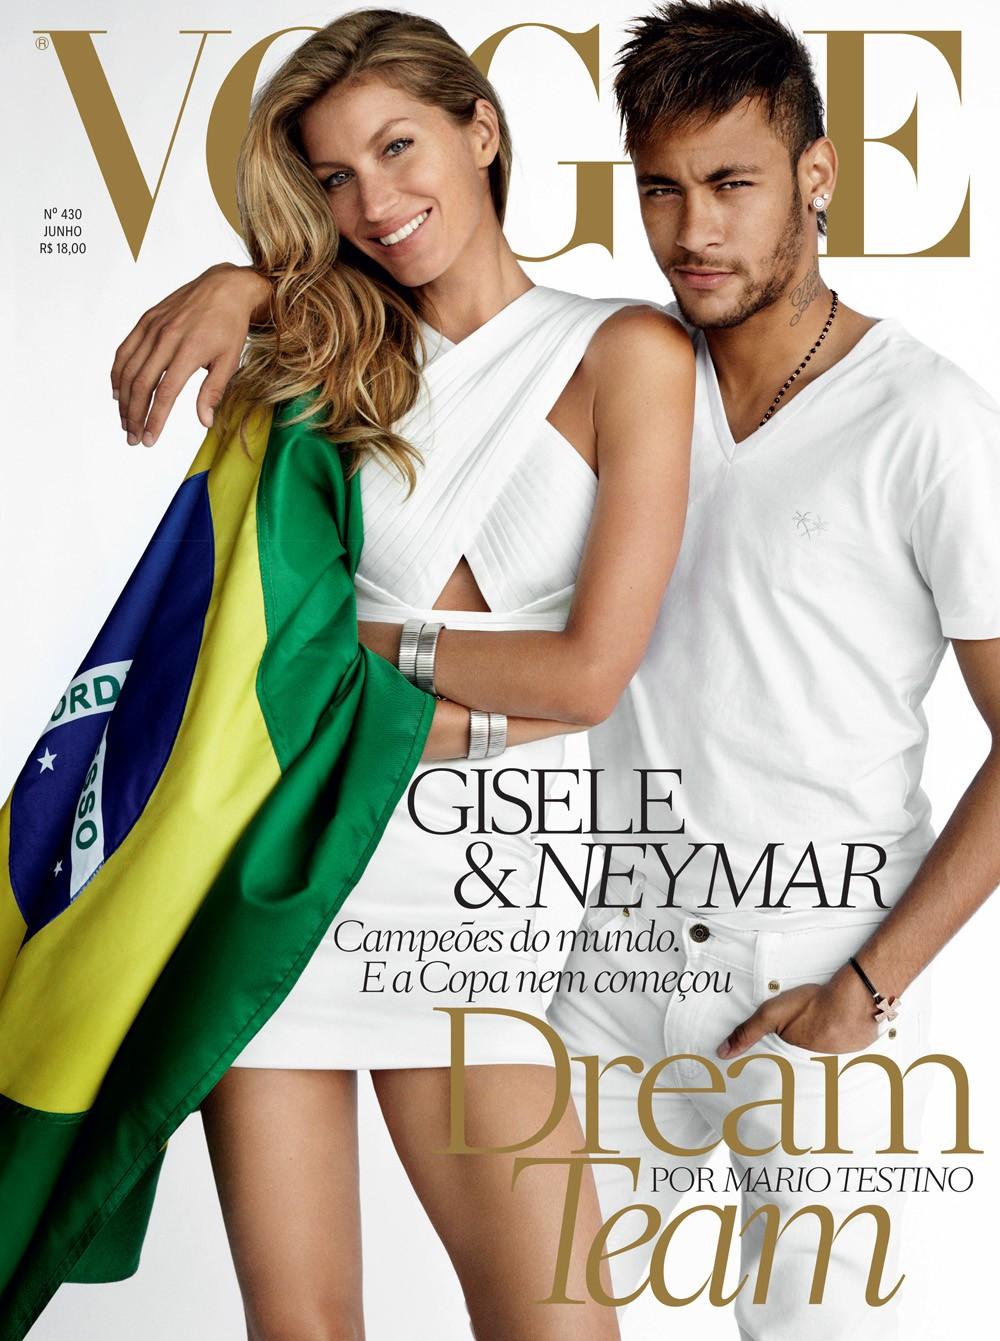 Neymar + Gisele Bündchen Cover Vogue Brazil